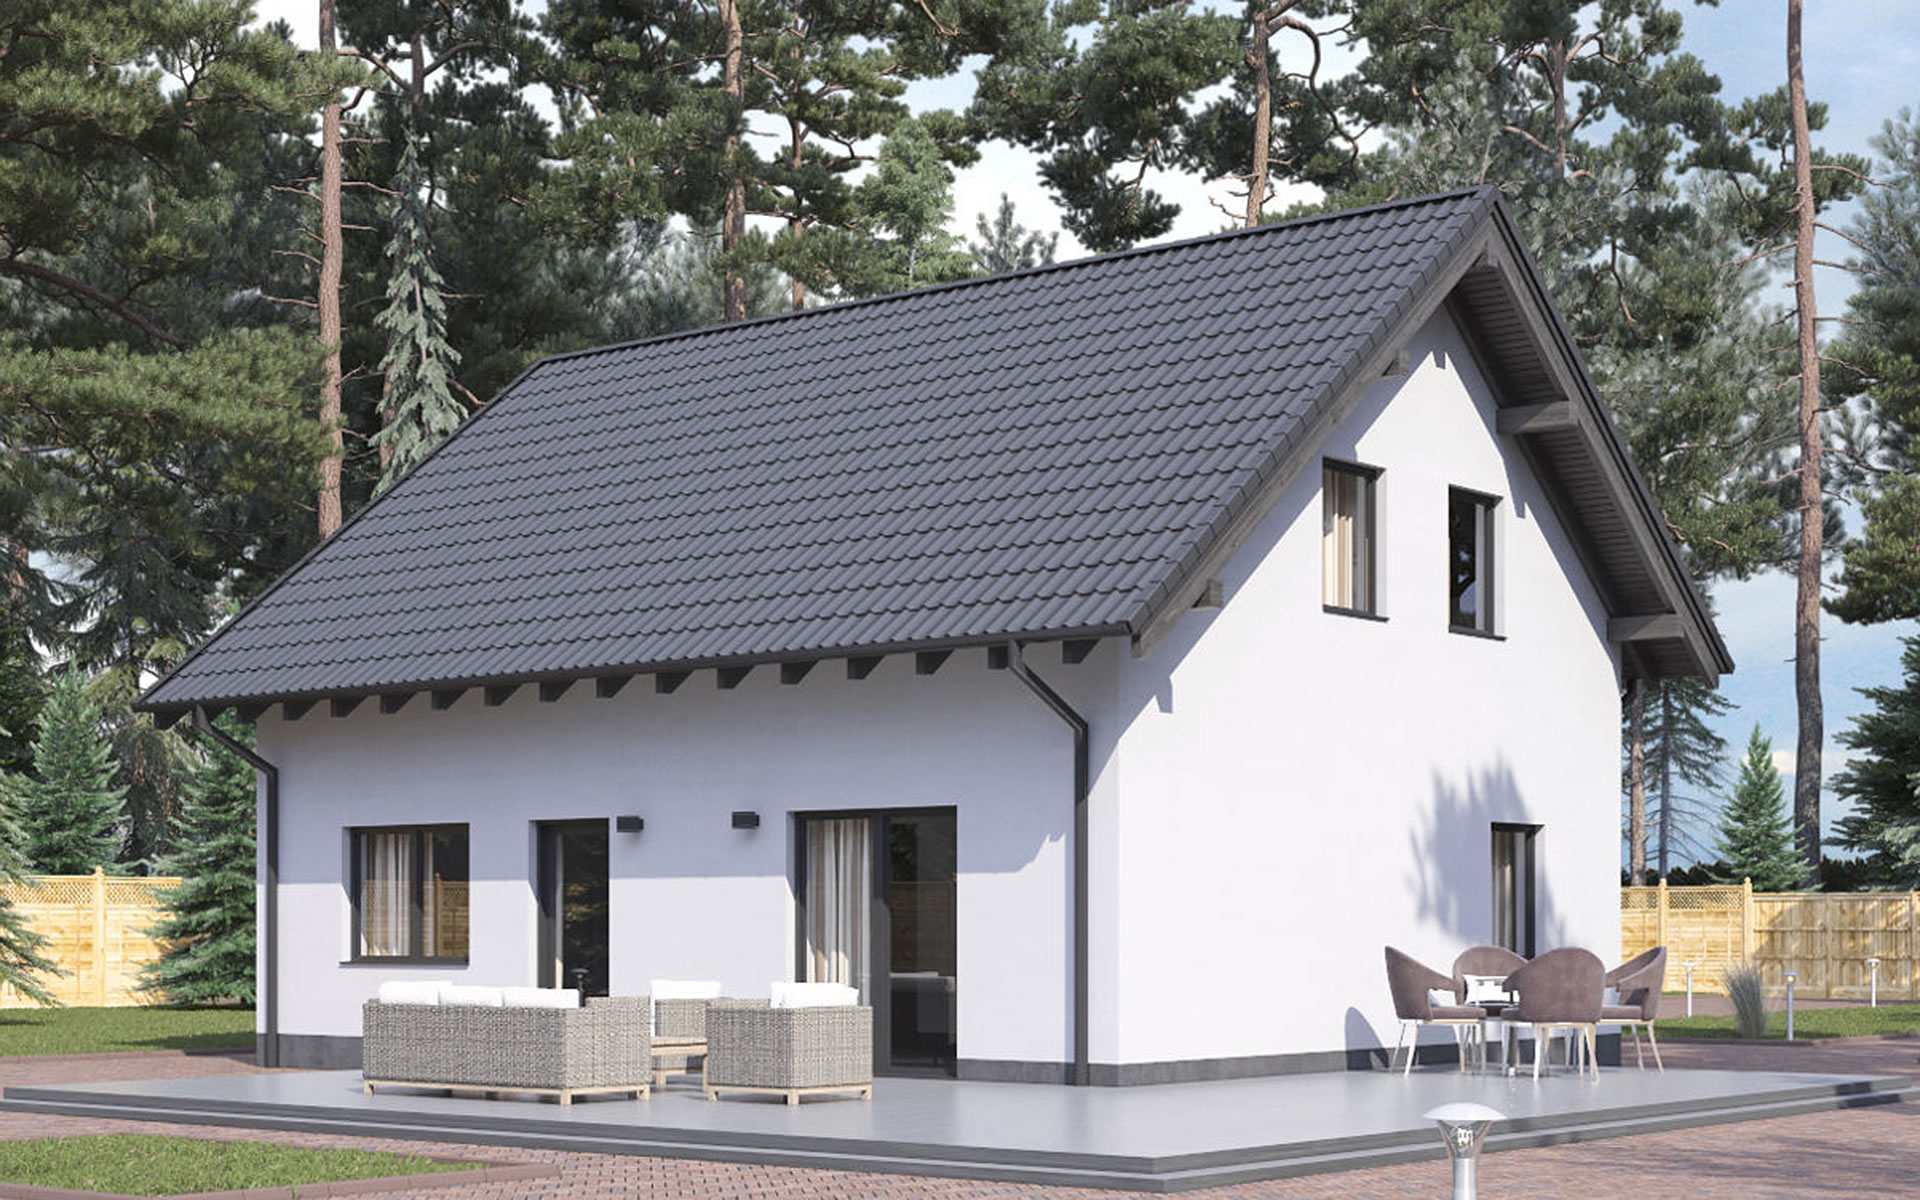 Einfamilienhaus BS 107 von B&S Selbstbausysteme GmbH & Co. KG